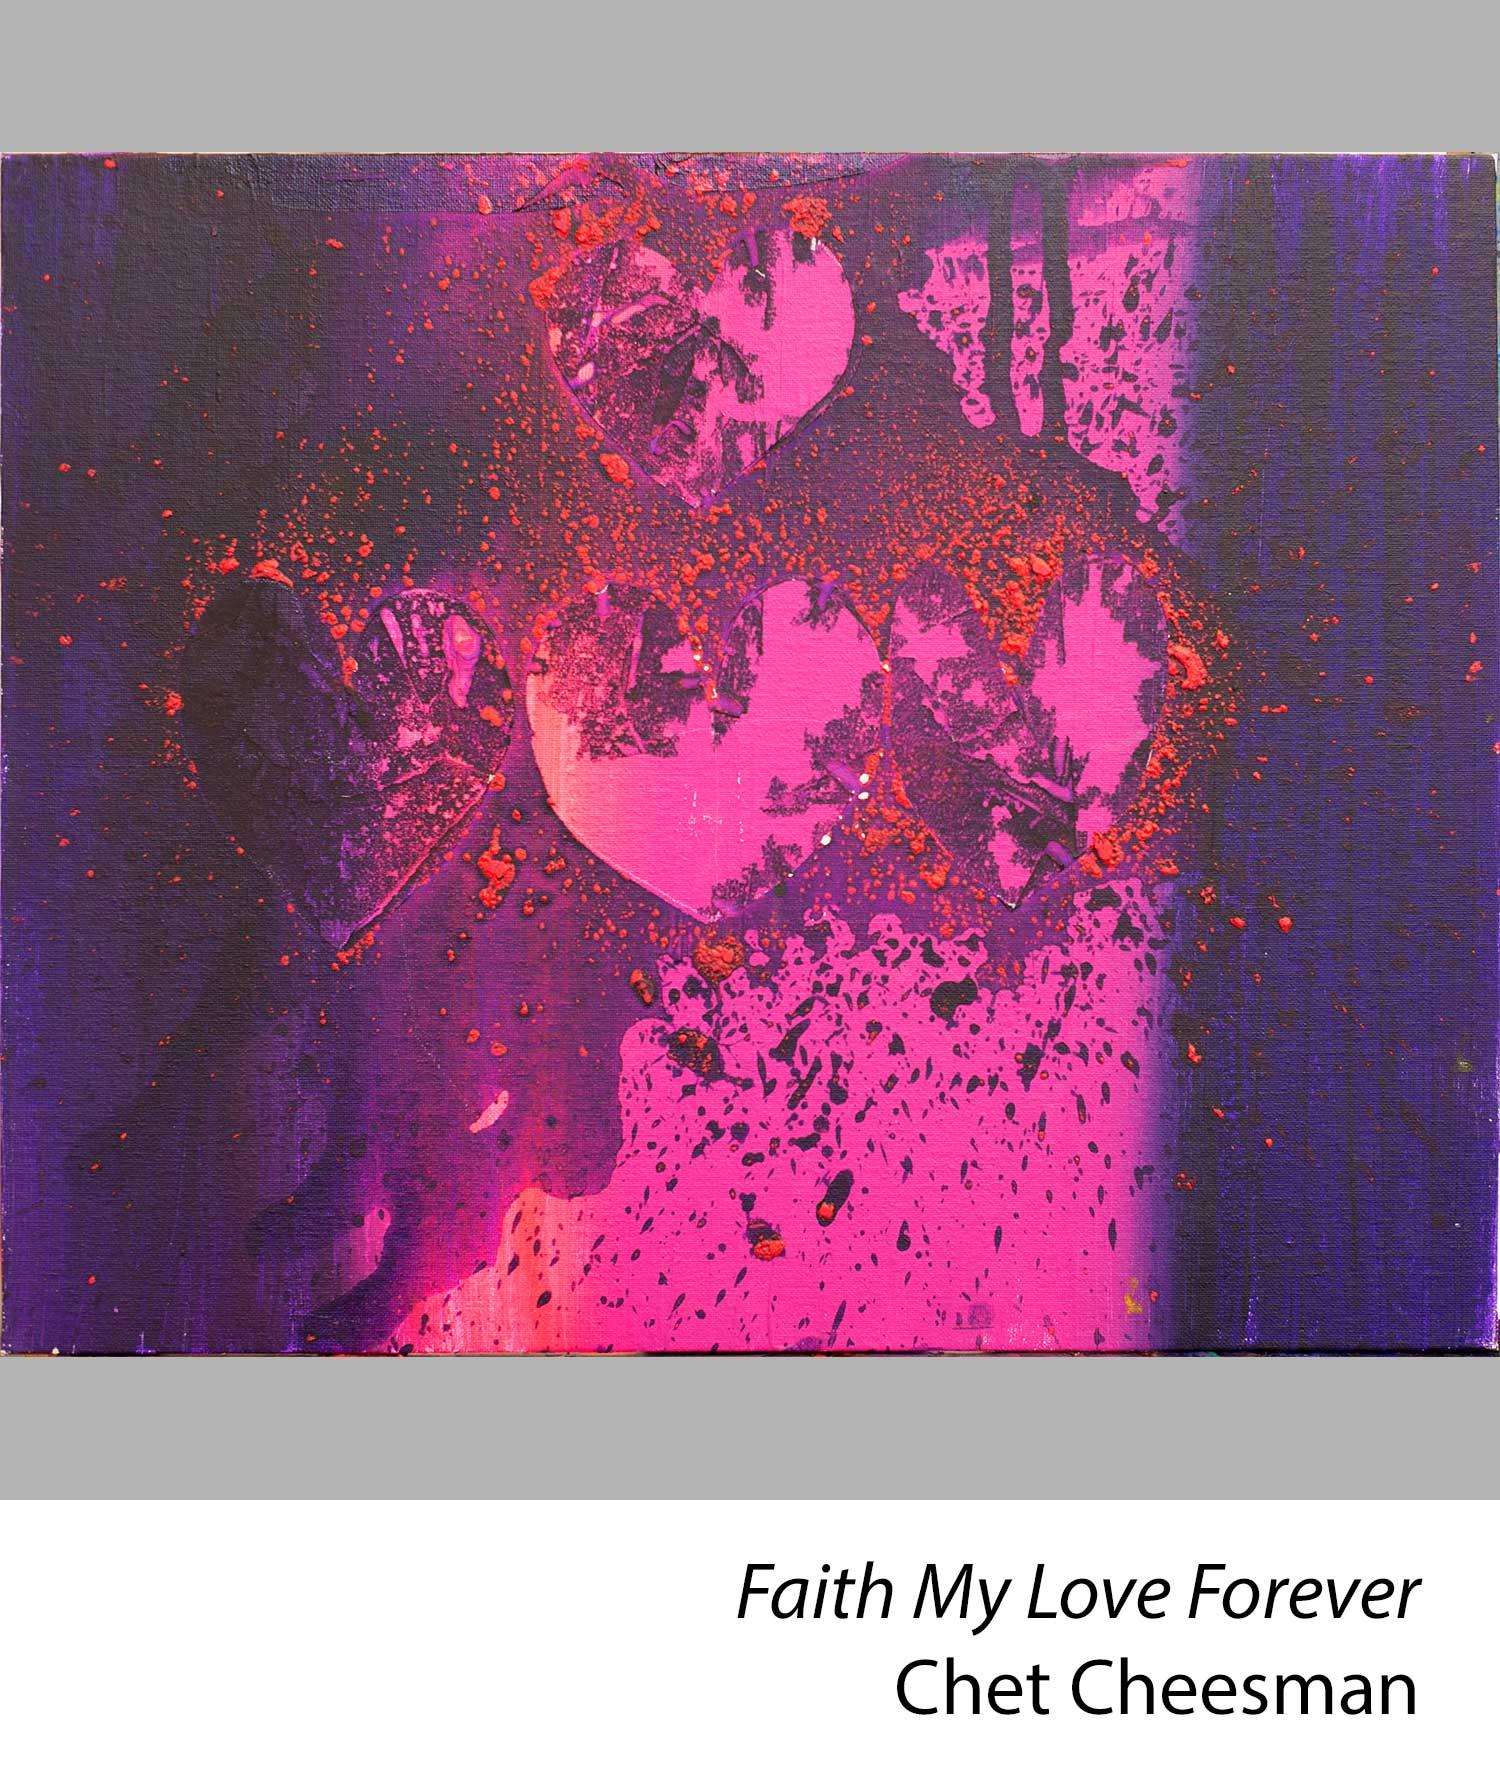 Faith my love forever by Chet Cheesman